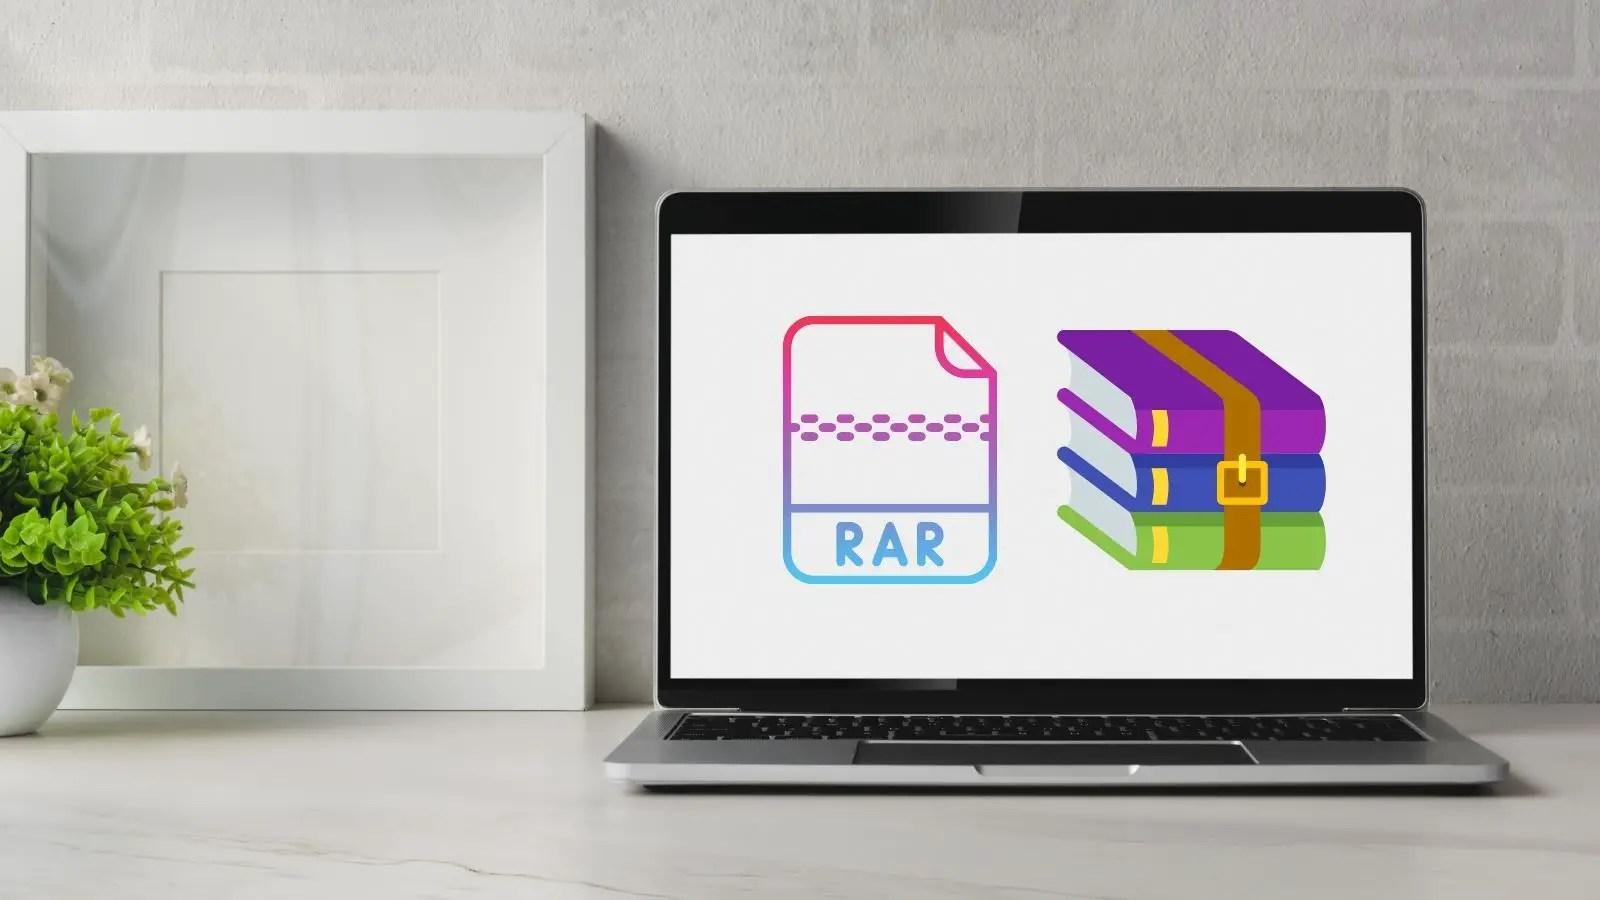 how to decompress rar